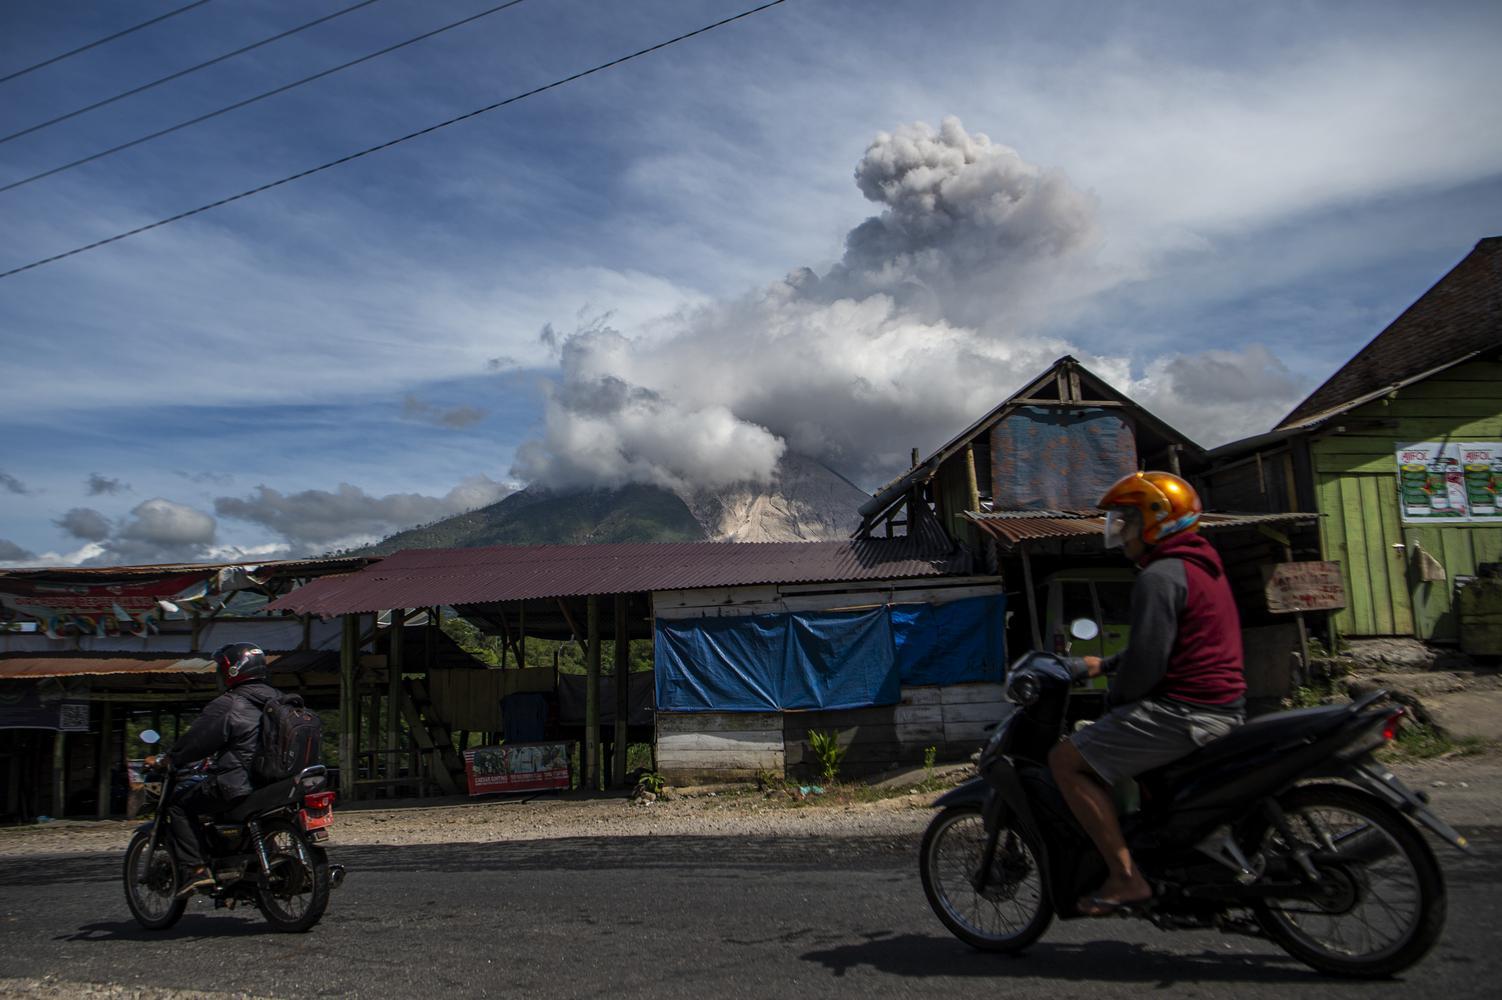 Sejumlah kendaraan melintas dengan latar Gunung Sinabung yang menyemburkan material vulkanik saat erupsi di Desa Tigapancur, Simpang Empat, Karo, Sumatera Utara, Kamis (25/2/2021). Gunung Sinabung erupsi dengan tinggi kolom 1.500 meter di atas puncak atau sekitar 3.960 meter di atas permukaan laut.